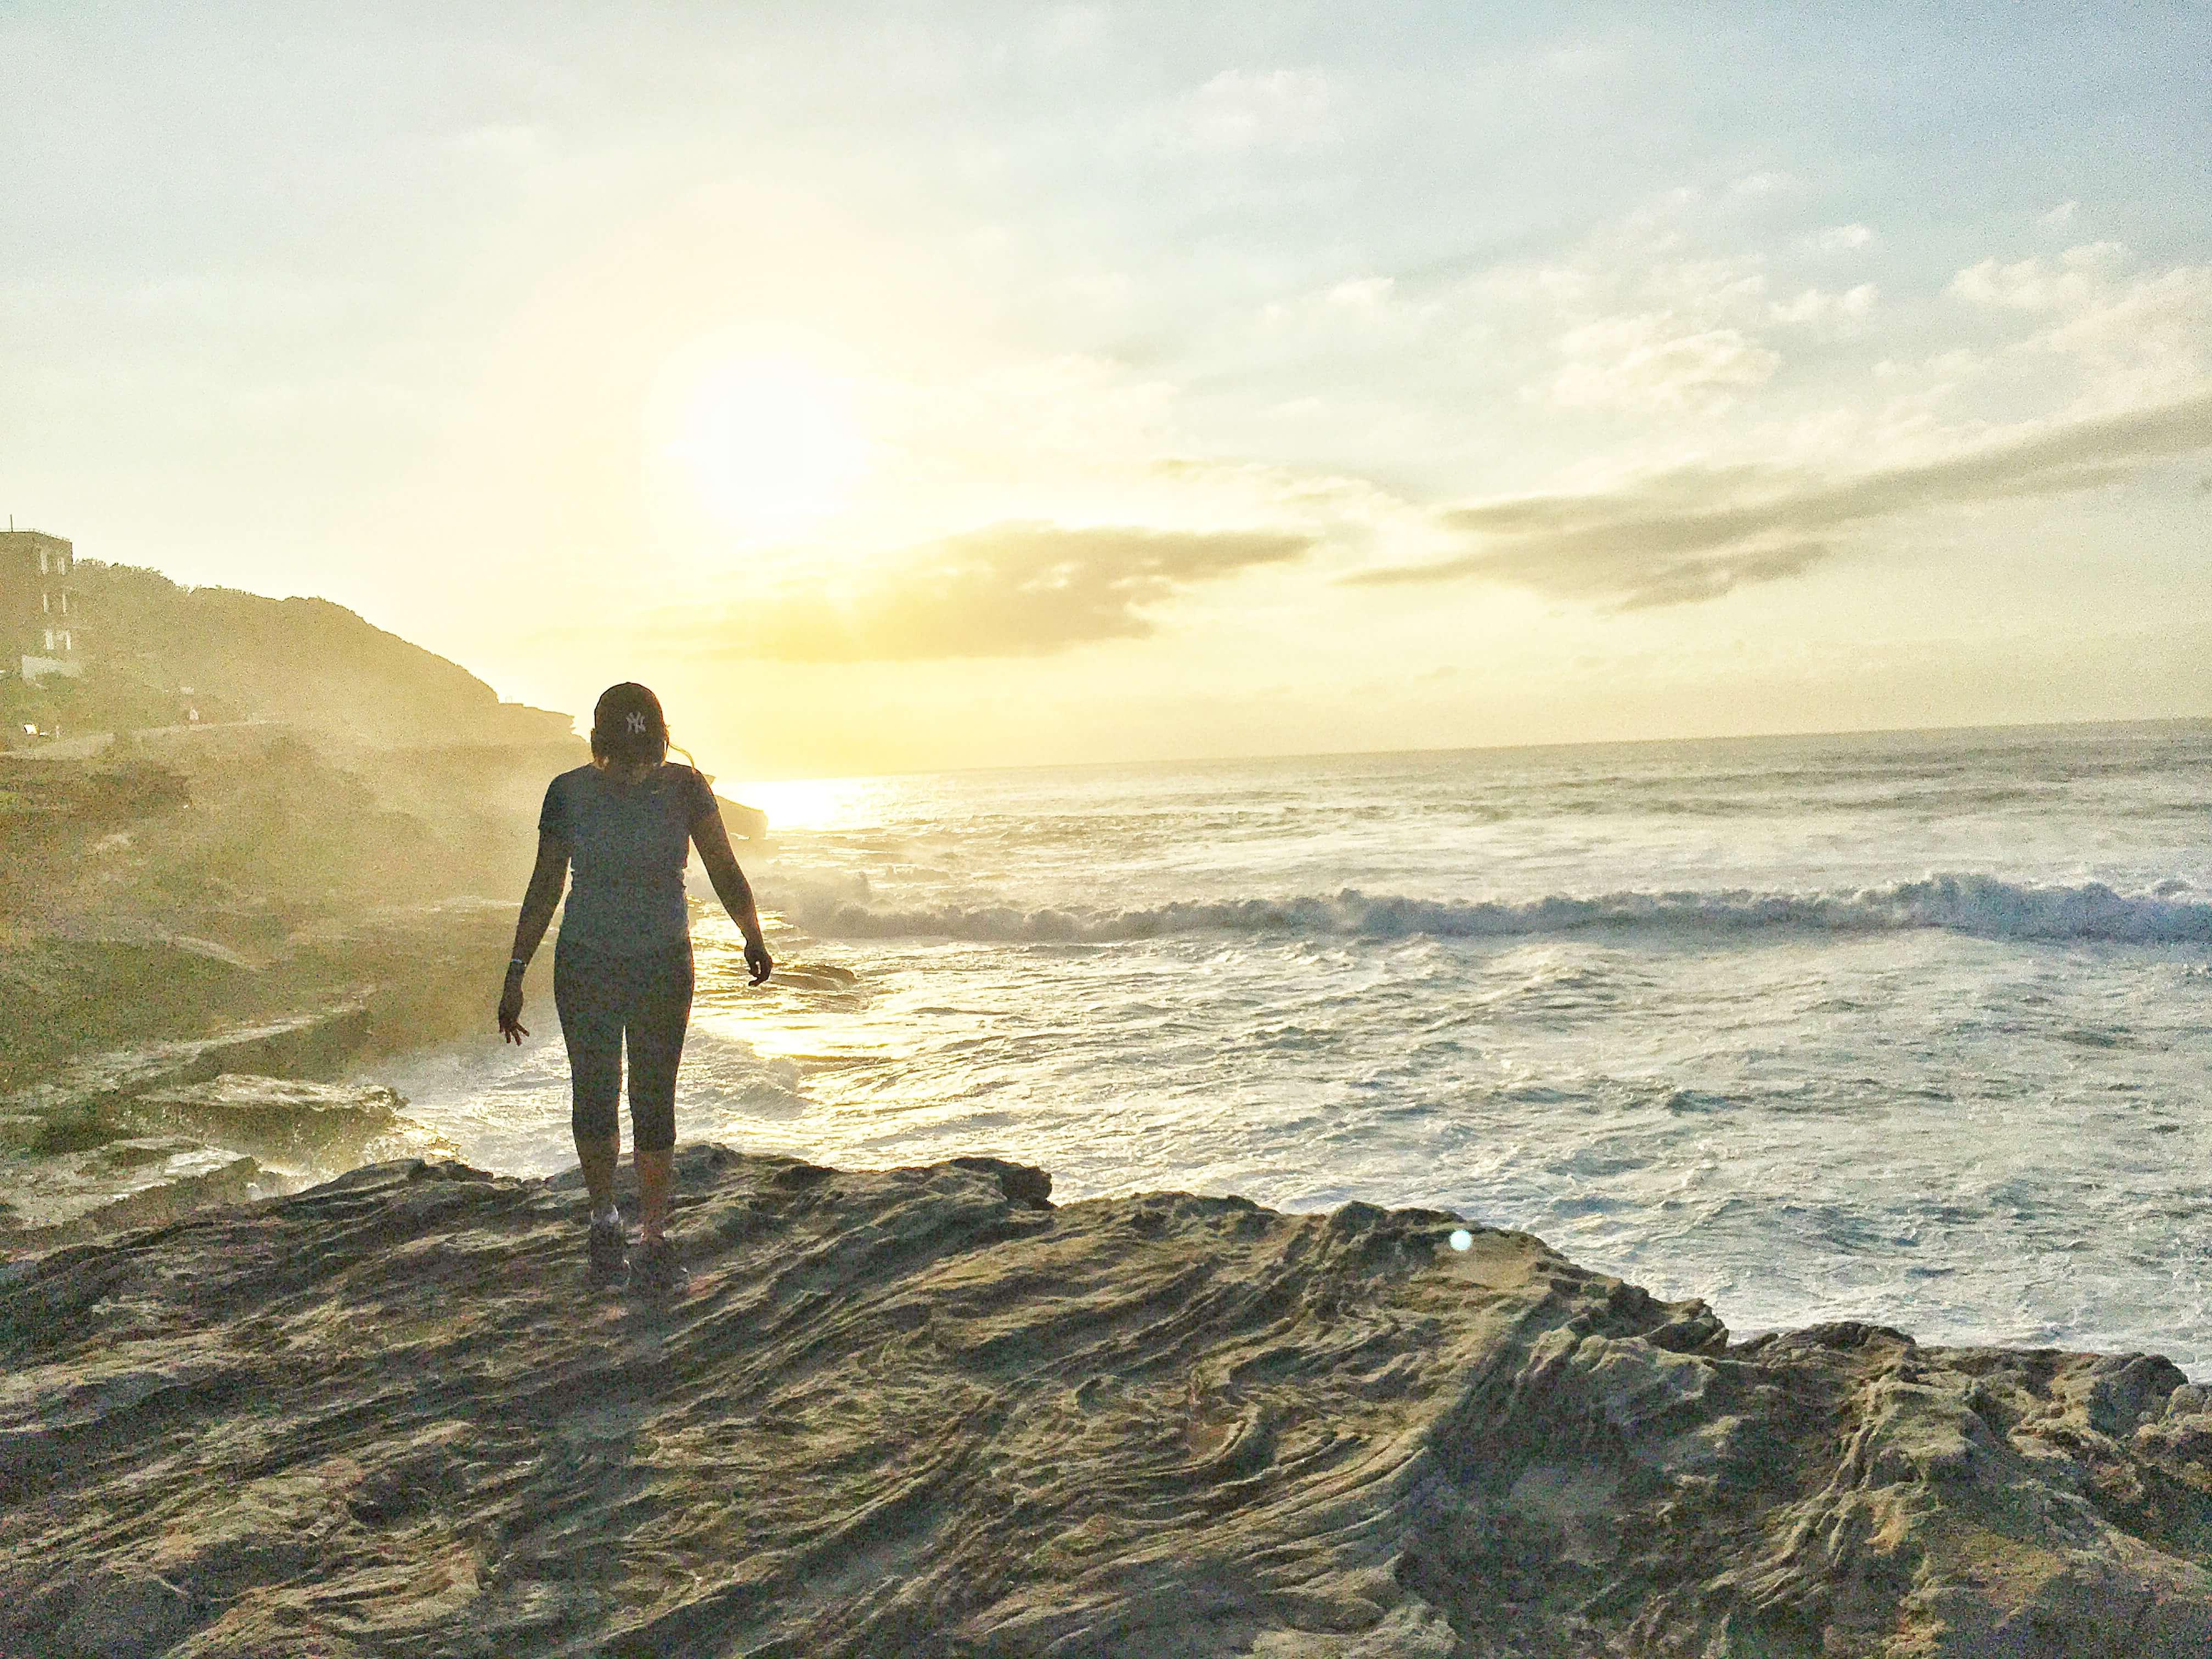 under30experiences-blog-why-you-should-travel-bondi-sydney-australia-beauty-sunrise